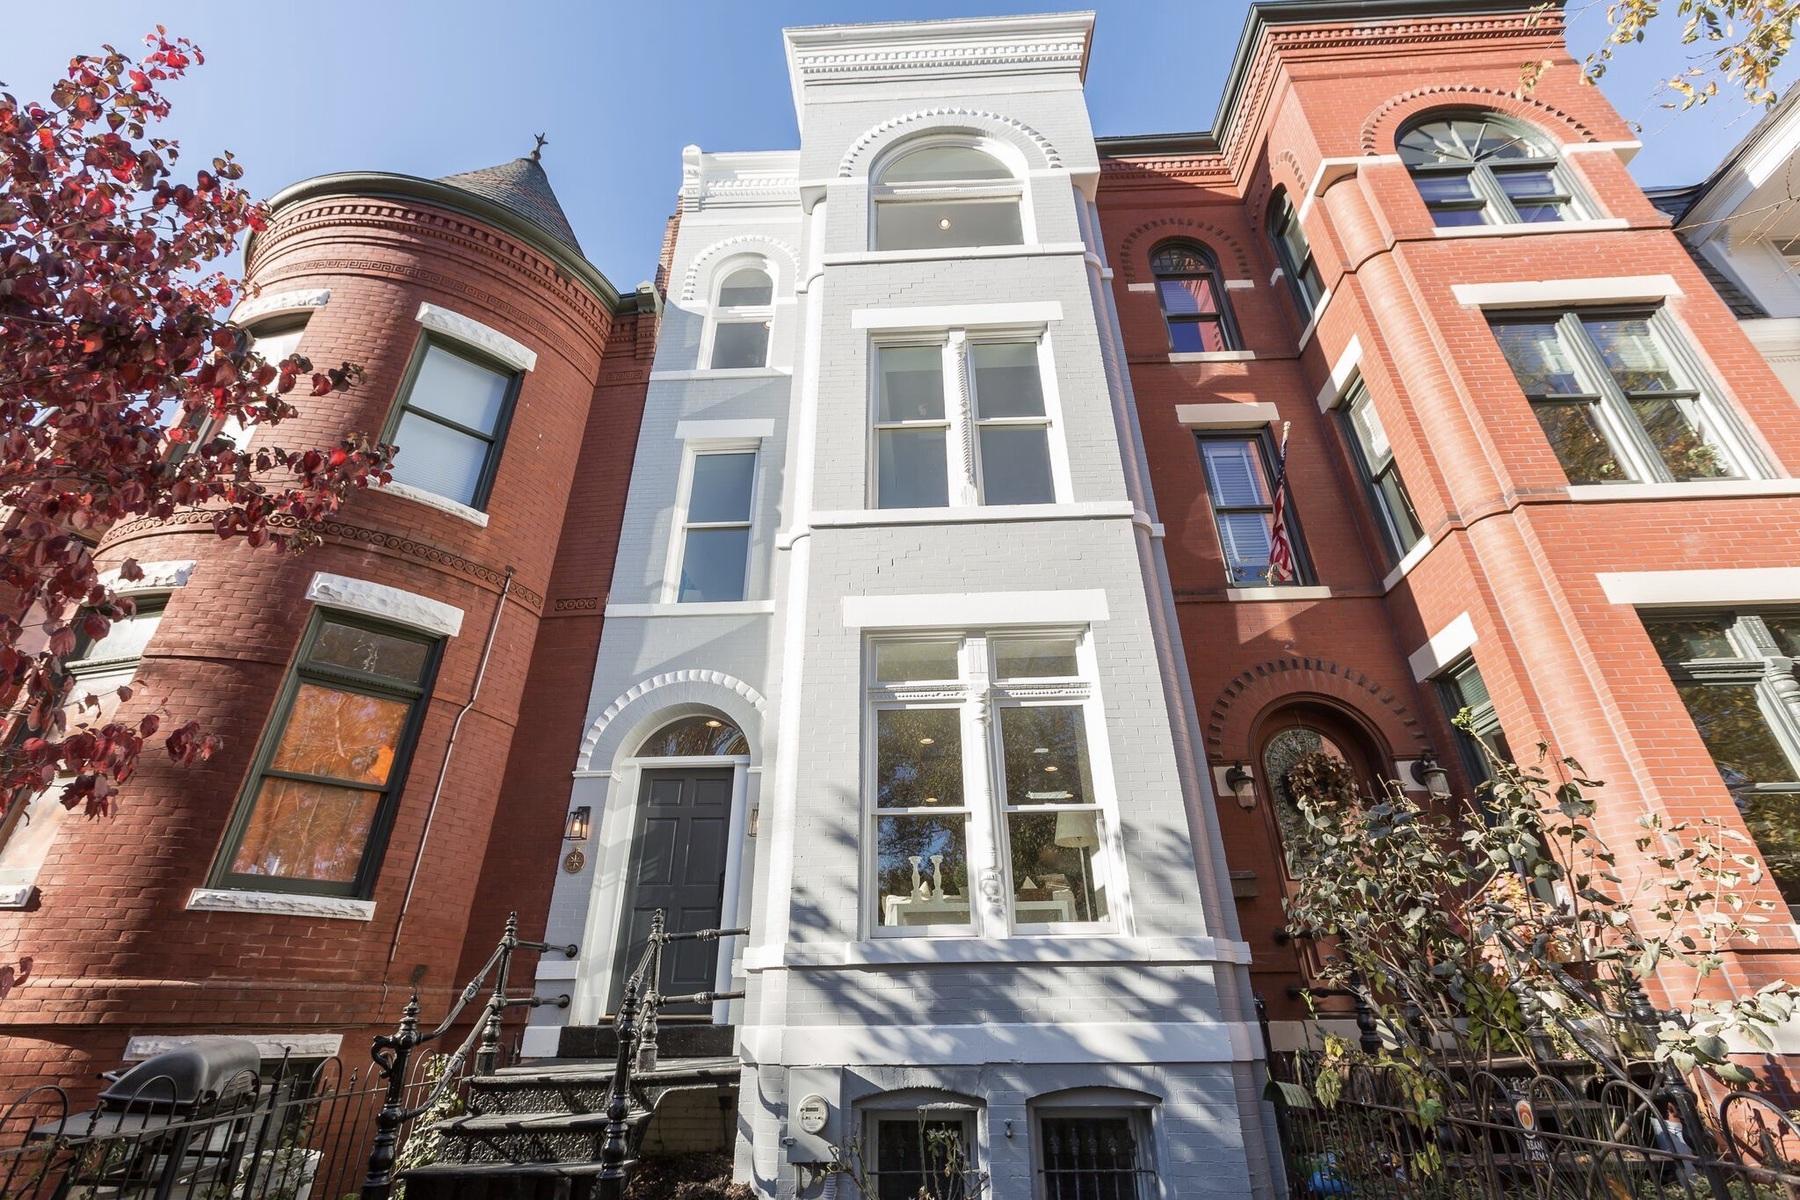 联栋屋 为 销售 在 1214 East Capitol Street Ne, Washington 华盛顿市, 哥伦比亚特区, 20002 美国